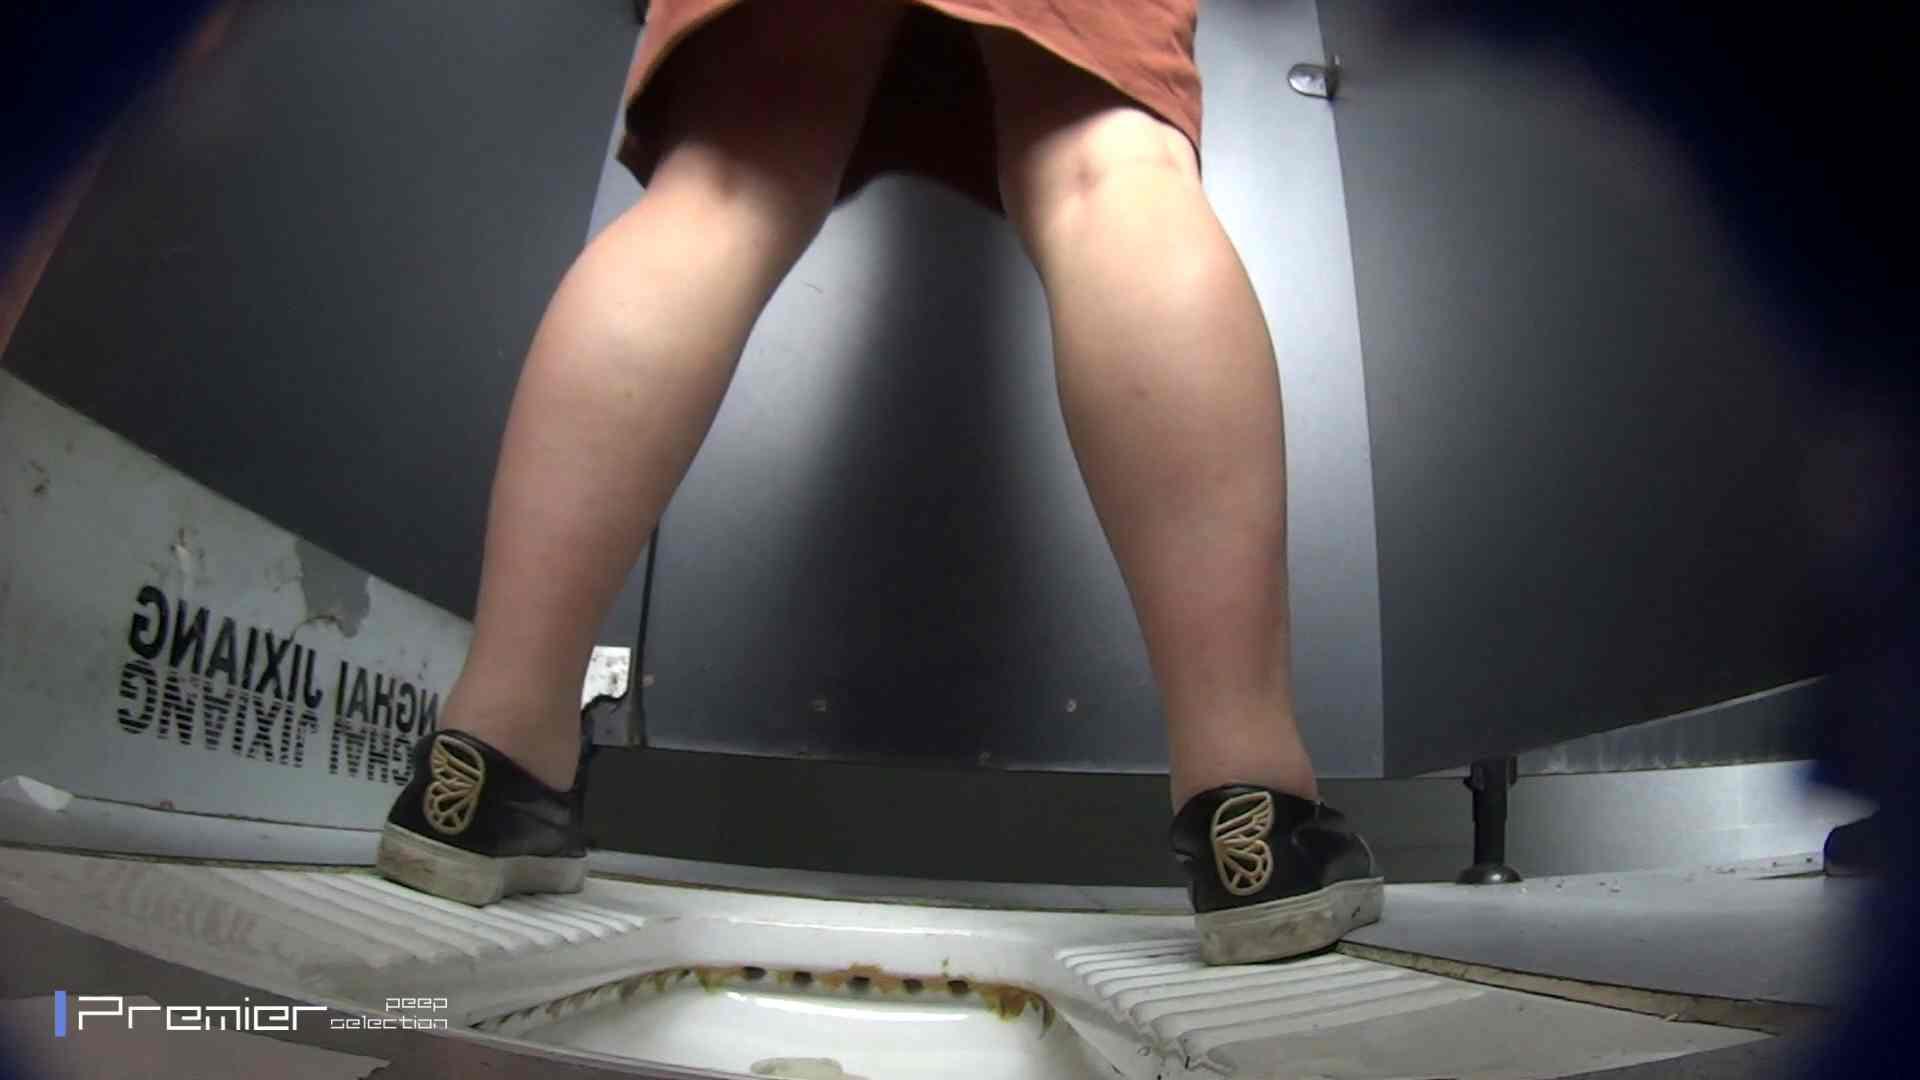 びゅーっと!オシッコ放出 大学休憩時間の洗面所事情47 盗撮 セックス無修正動画無料 103PIX 23